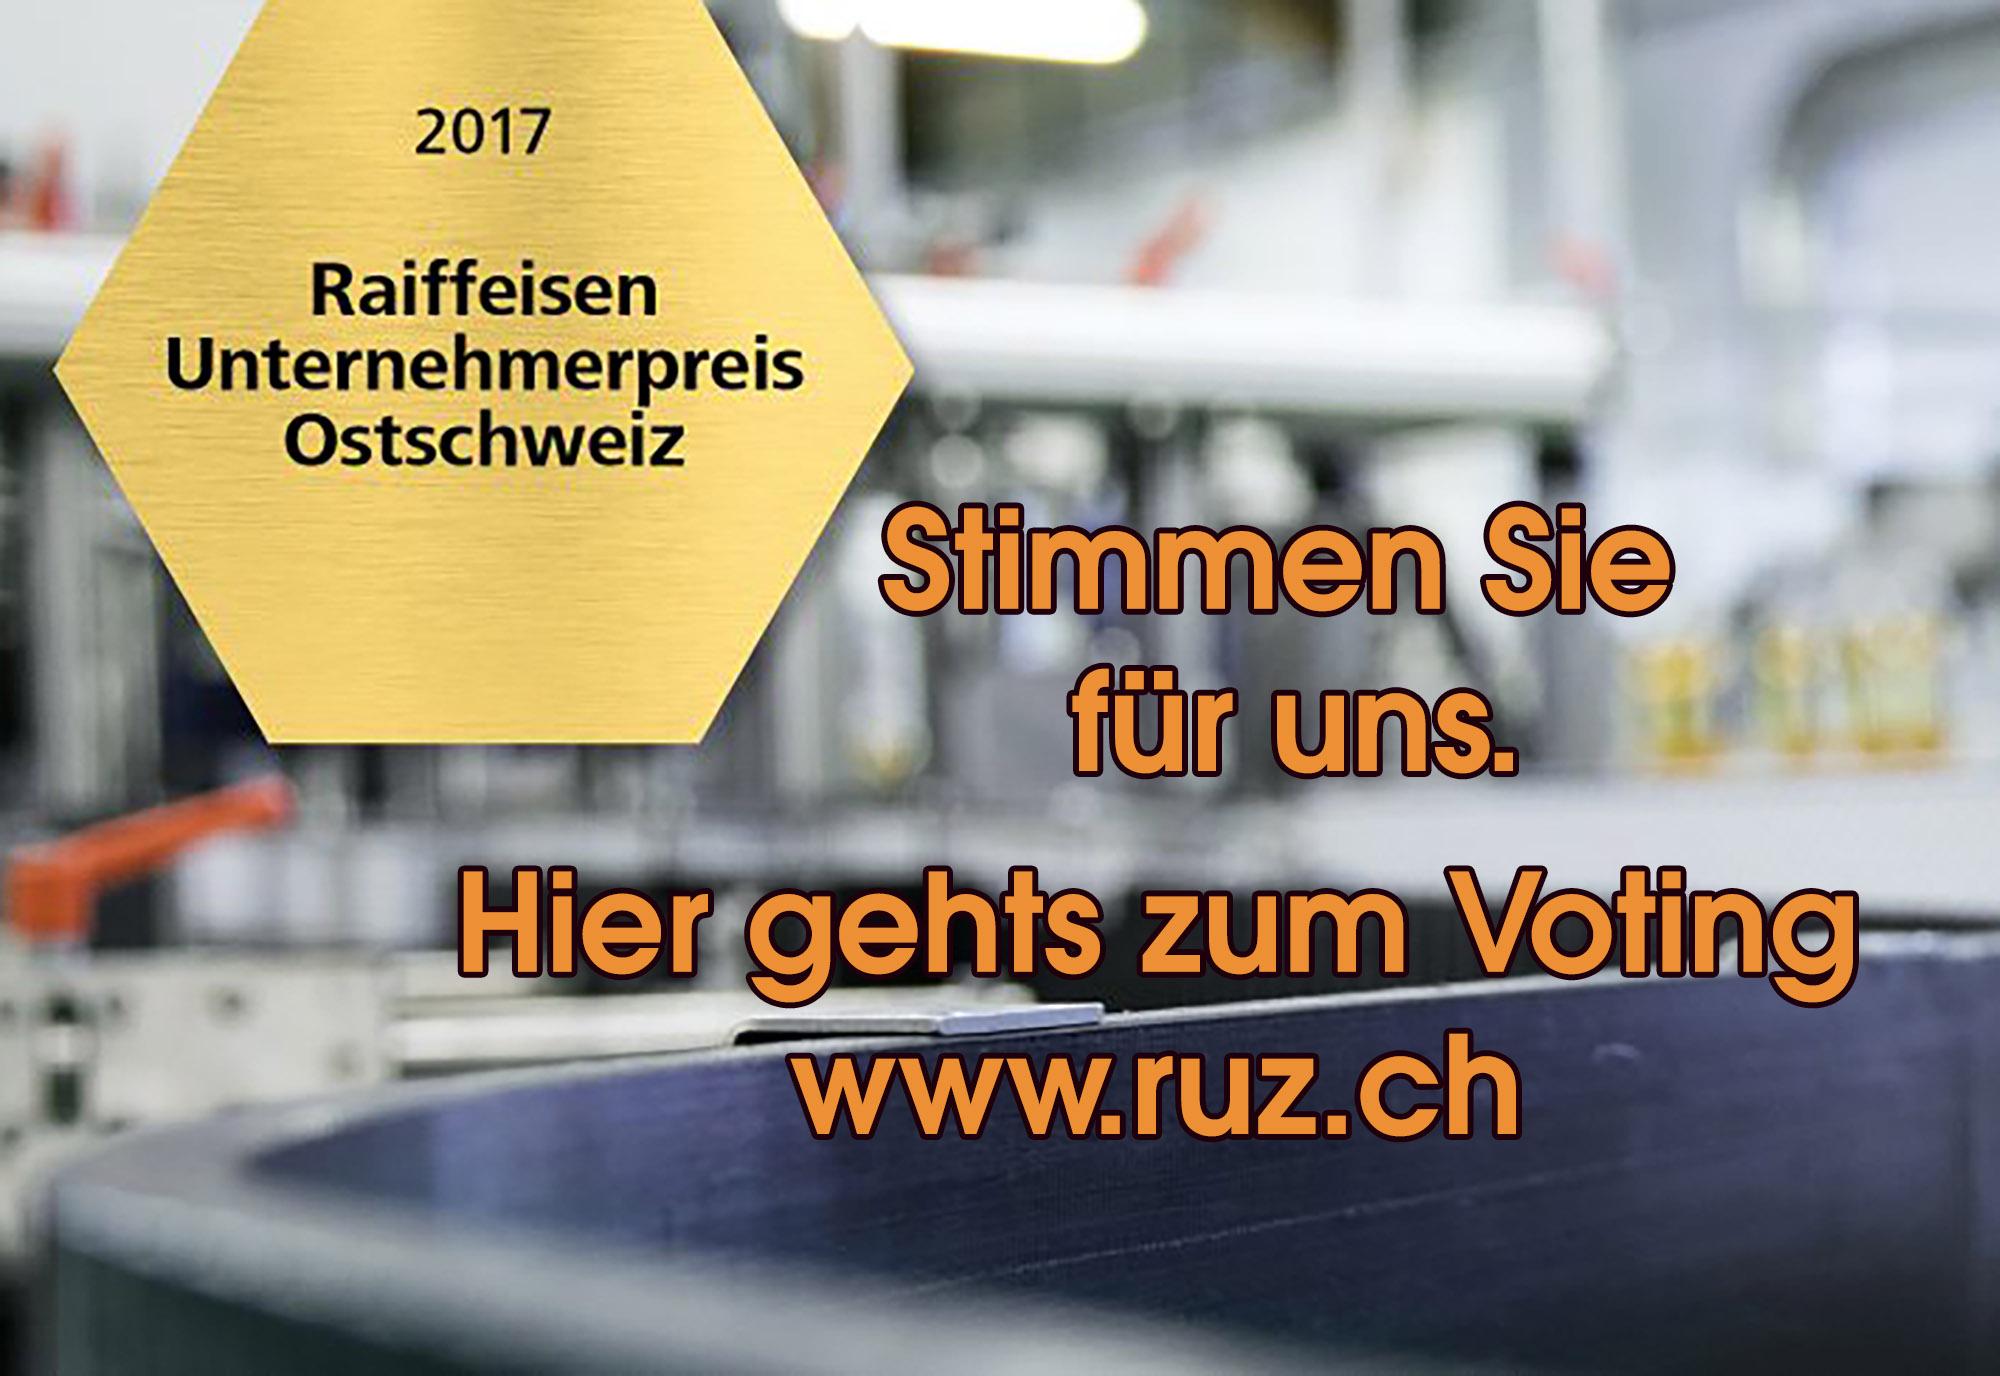 Raiffeisen-Voting-web